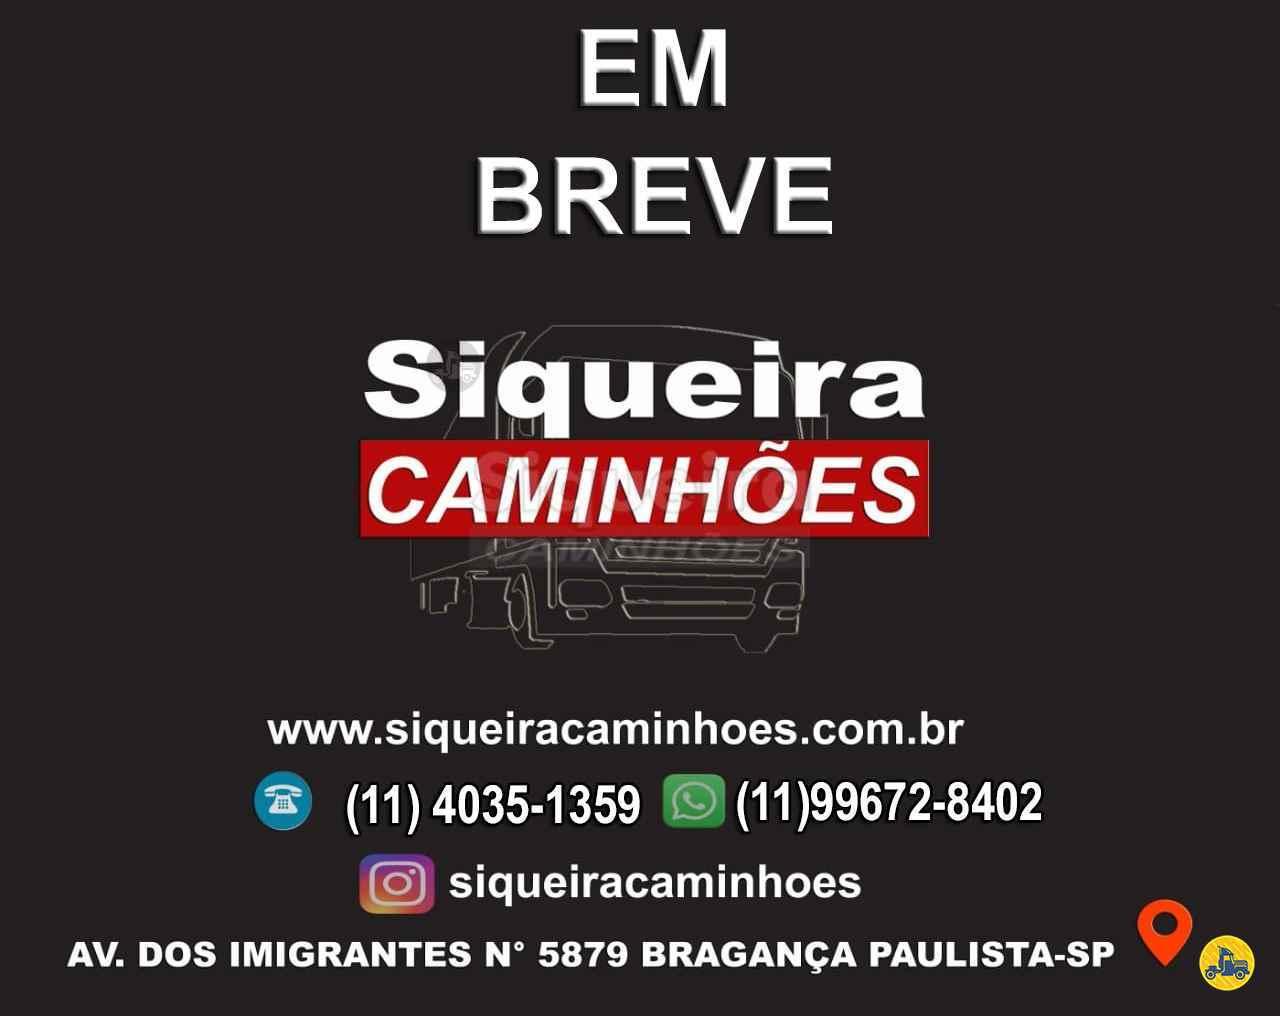 CAMINHAO MERCEDES-BENZ MB 2426 Baú Furgão 3/4 6x2 Siqueira Caminhões BRAGANCA PAULISTA SÃO PAULO SP